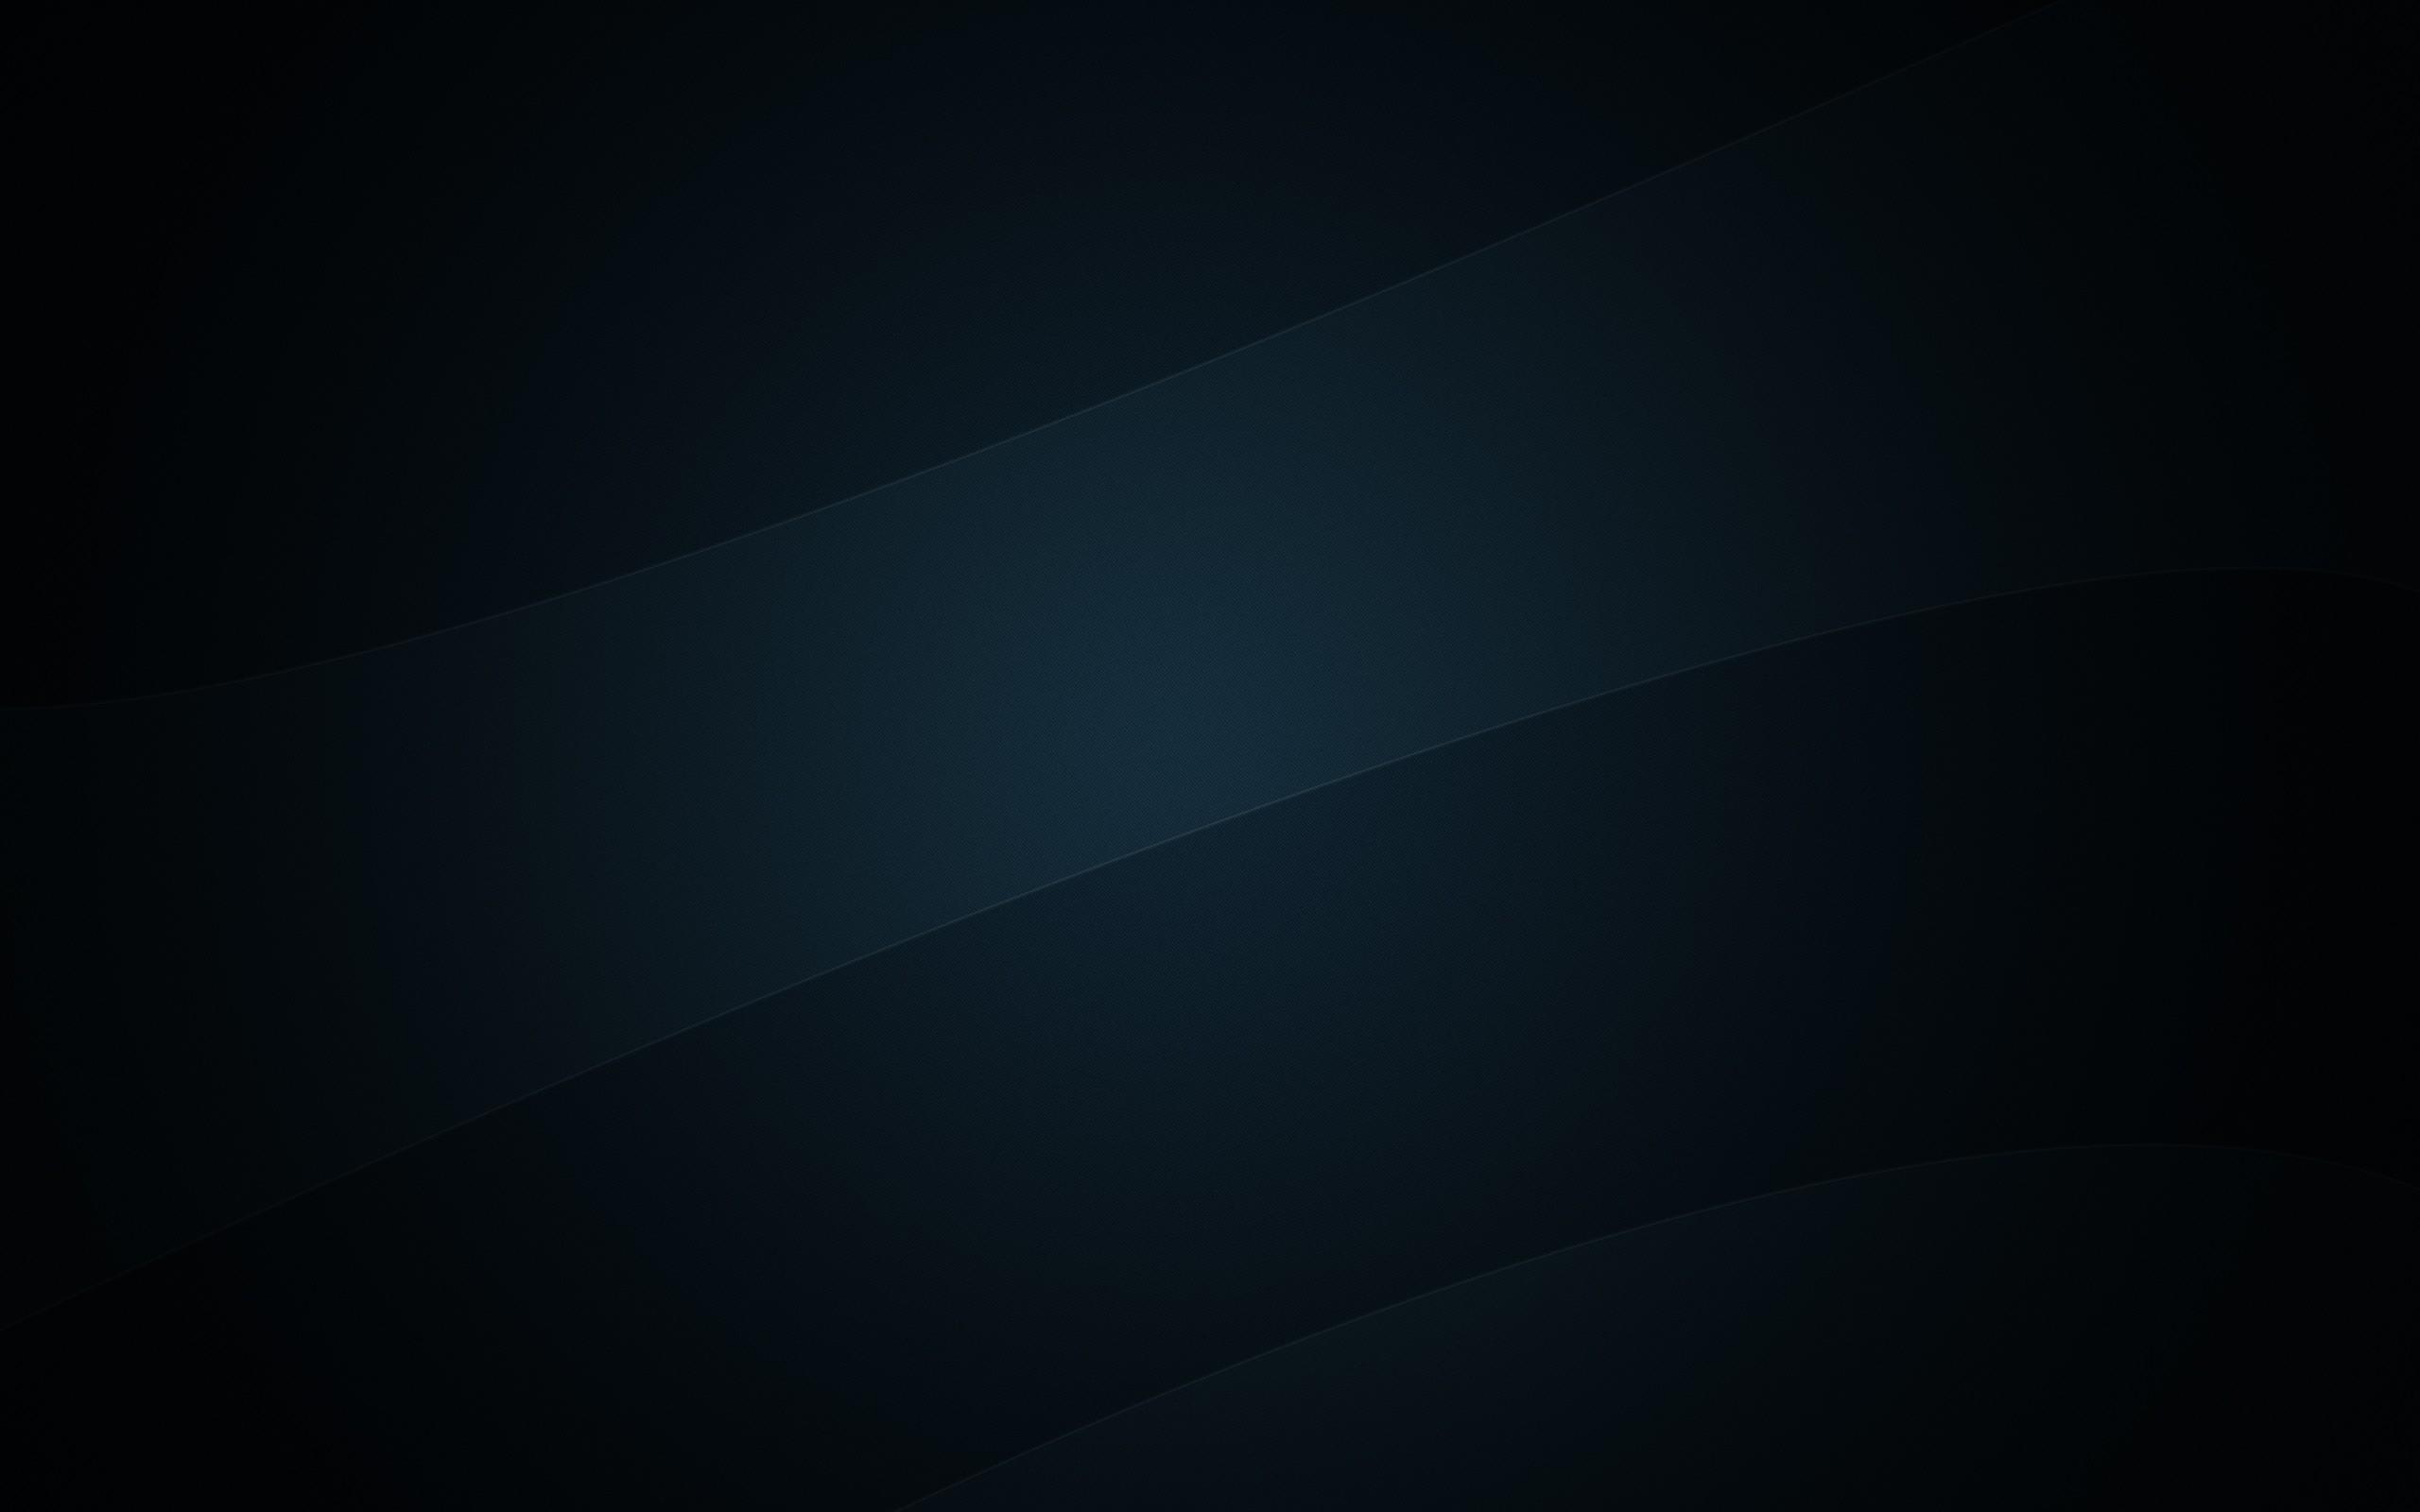 Dark Blue Macbook Air Wallpaper Download Allmacwallpaper